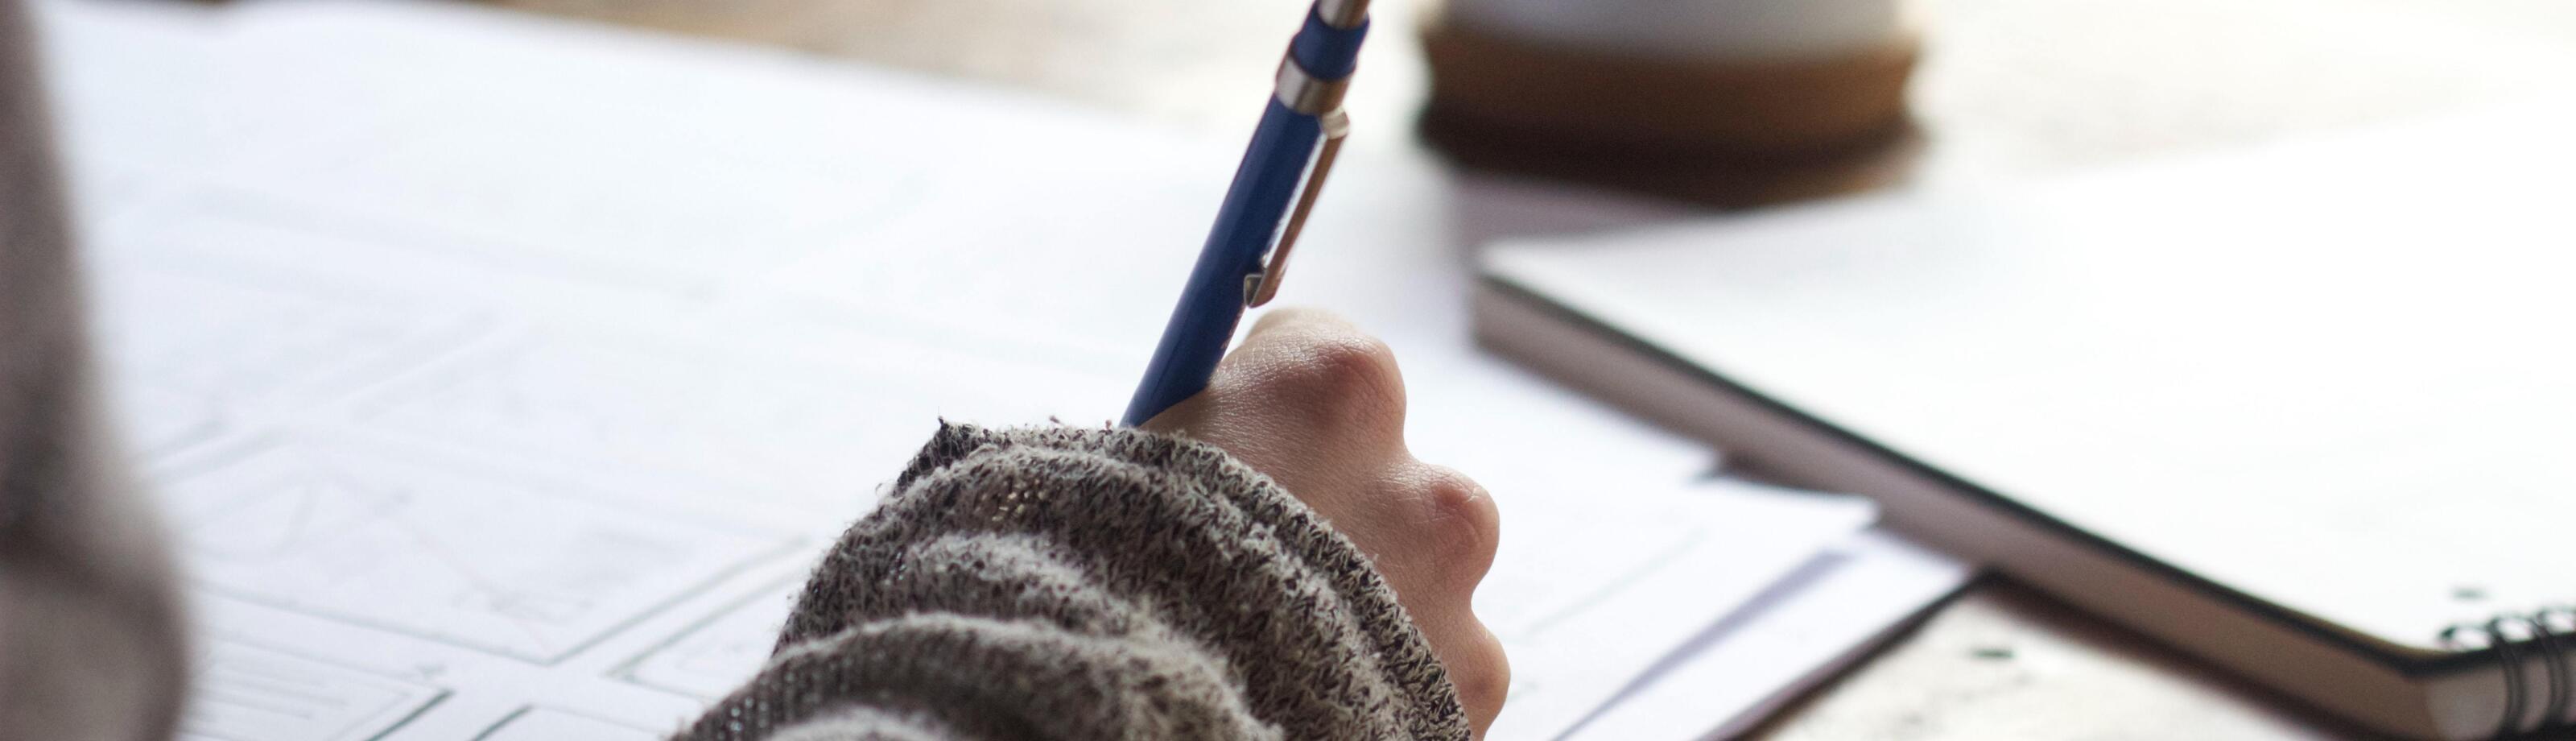 Vrouw die schrijft